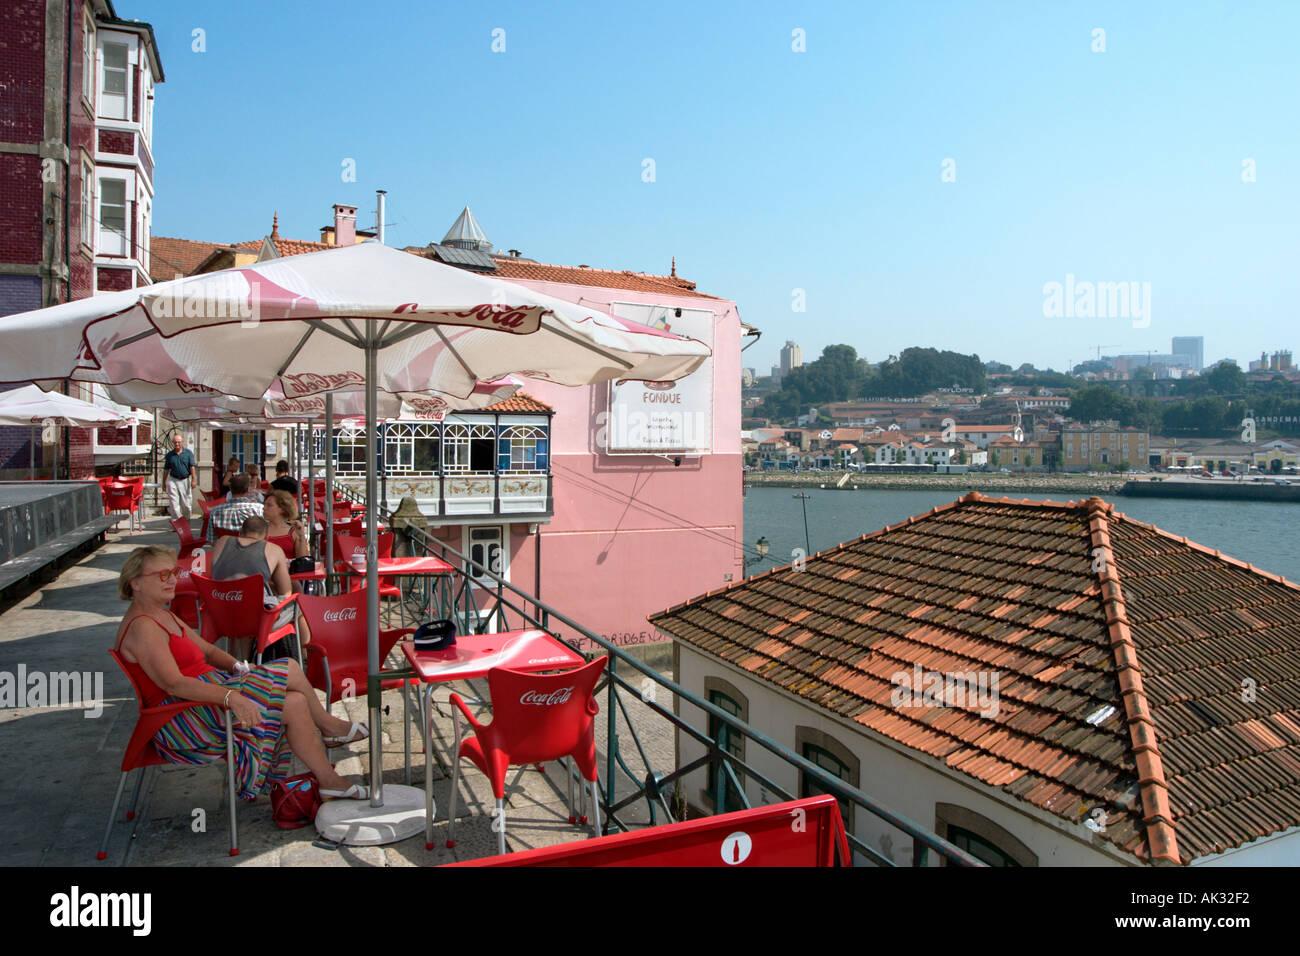 Cafe 0verlooking the River Douro, Oporto (Porto), Portugal - Stock Image